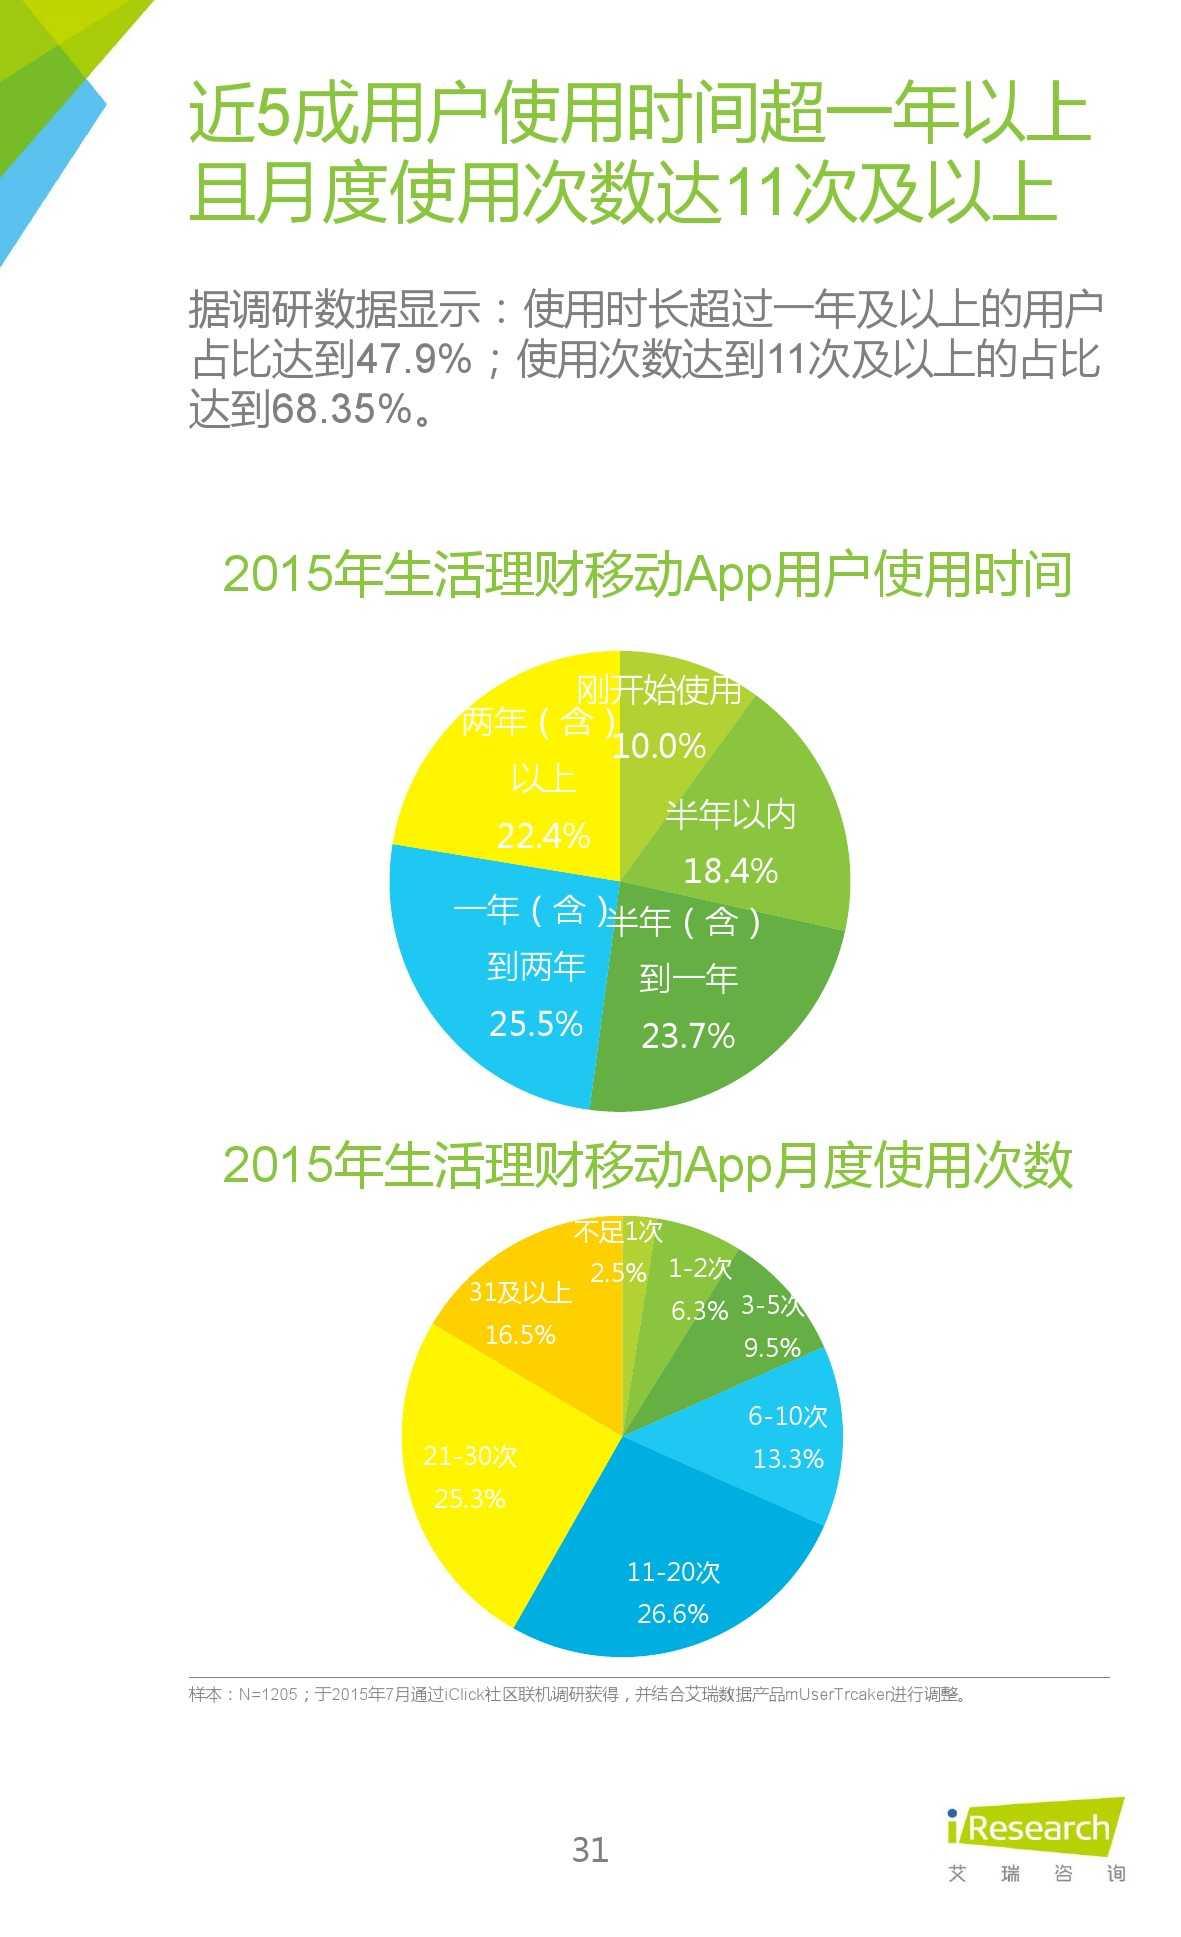 2015年中国生活理财移动App行业研究报告_000031